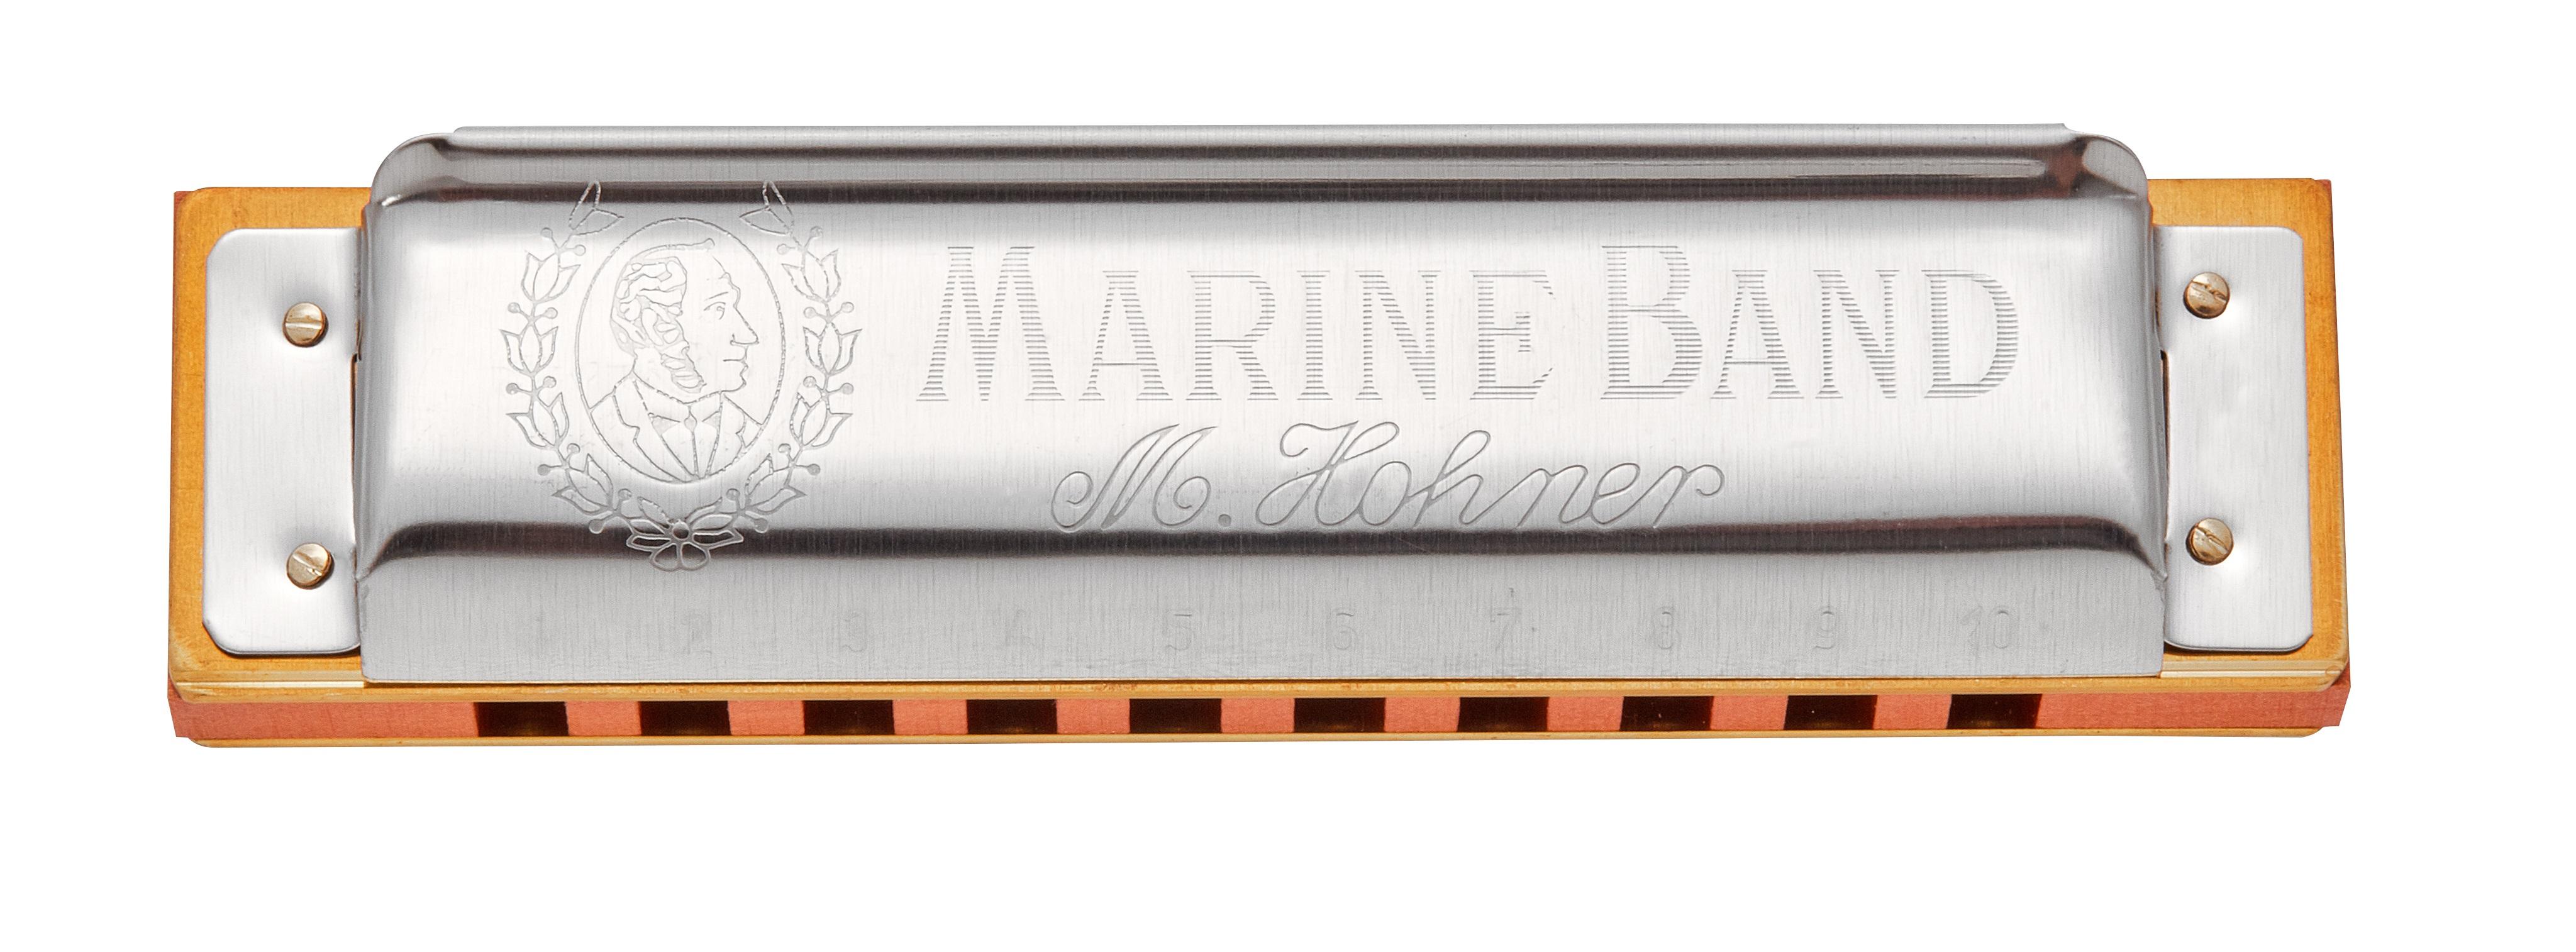 Hohner Marine Band 1896 F#-harmonic minor